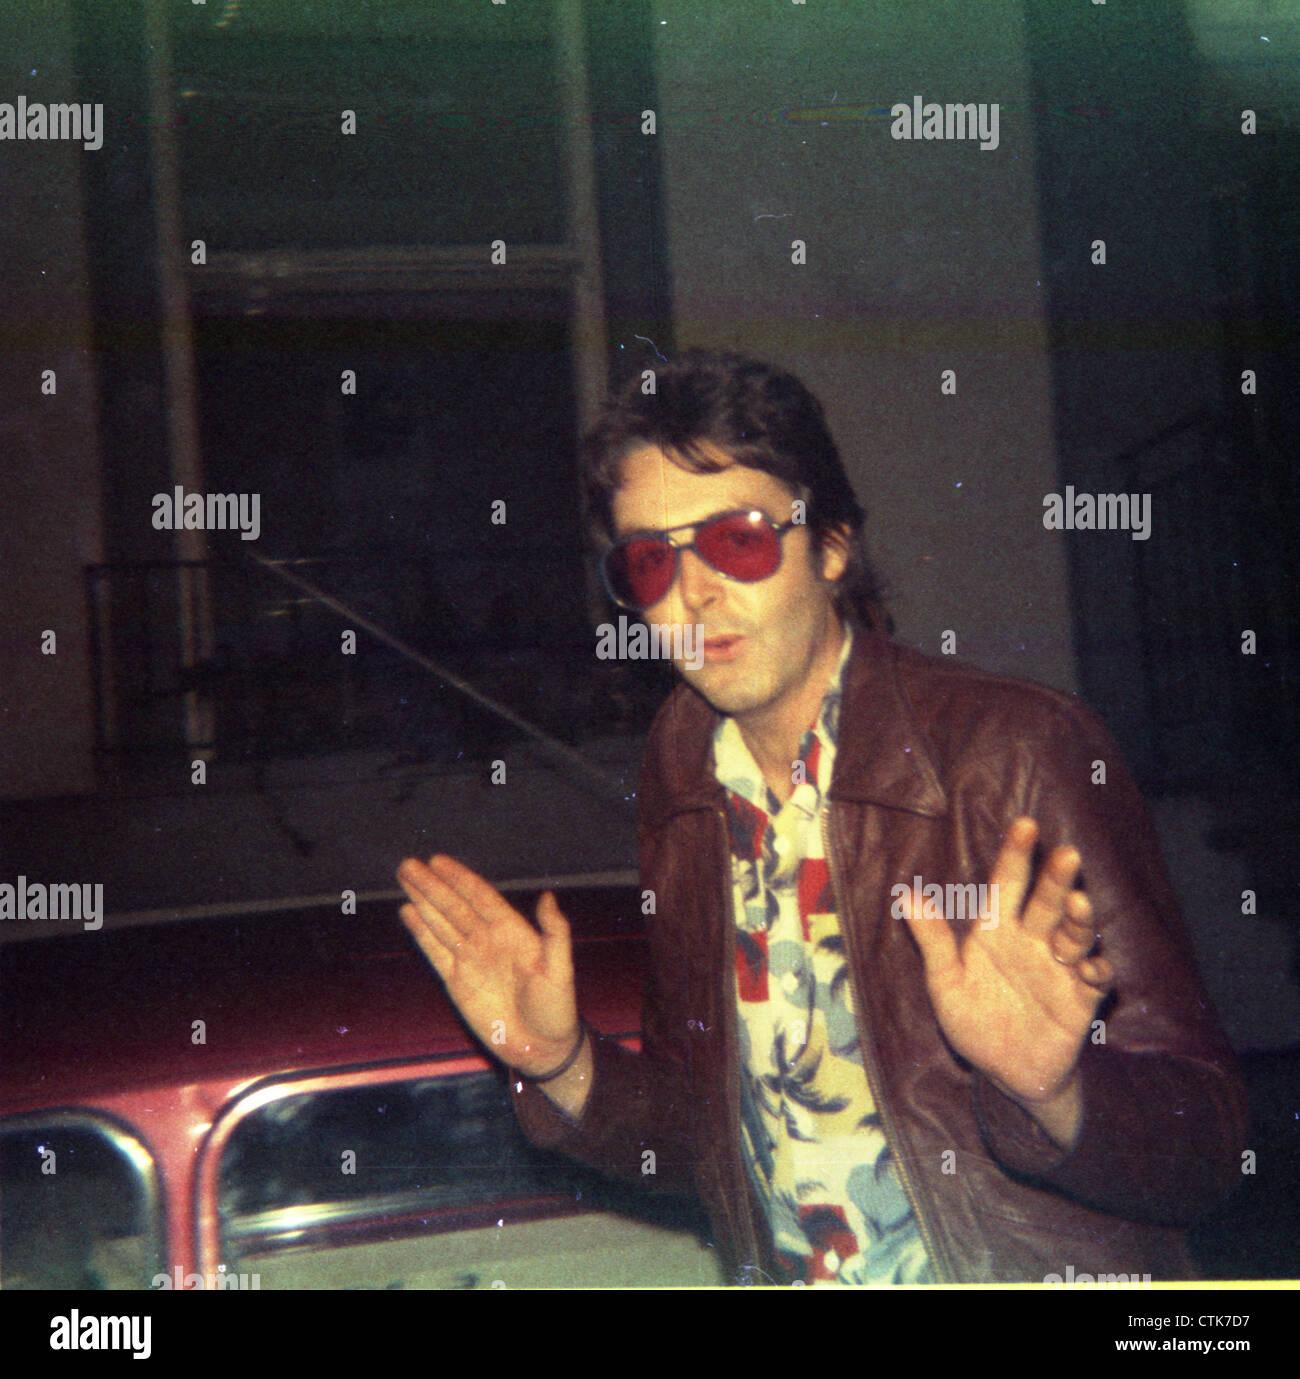 003852 - Paul McCartney outside Abbey Road Studios, London in 1975 - Stock Image